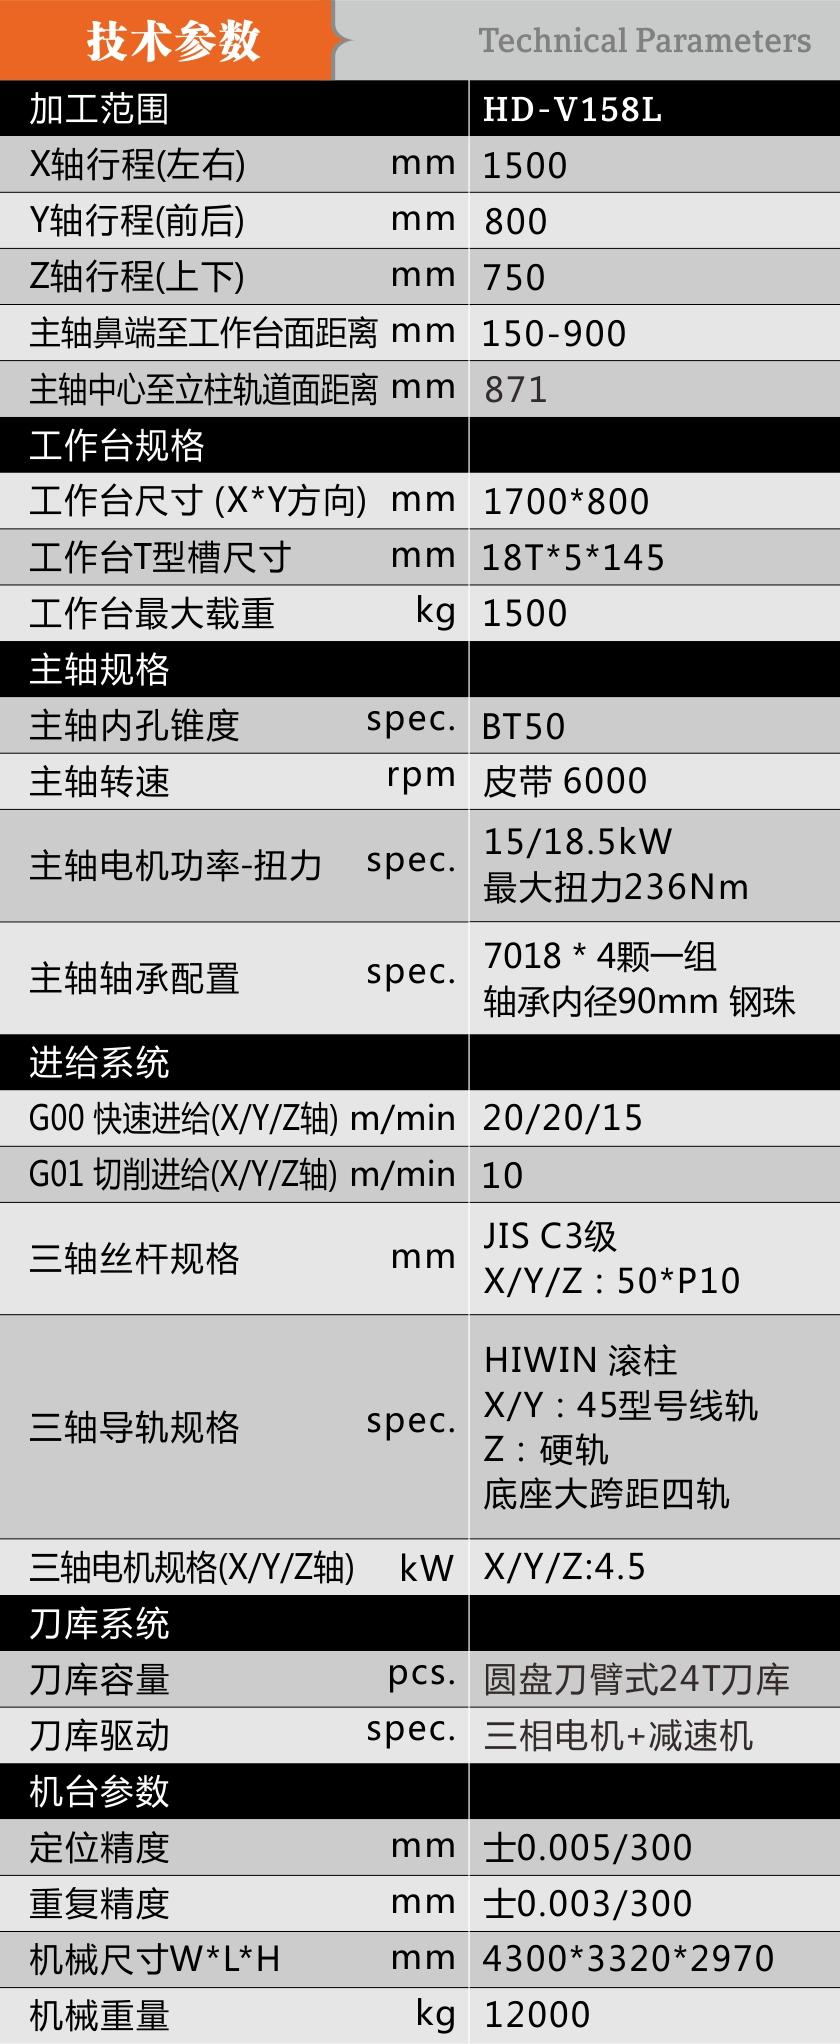 HD-V158L 大行程两线一硬立加